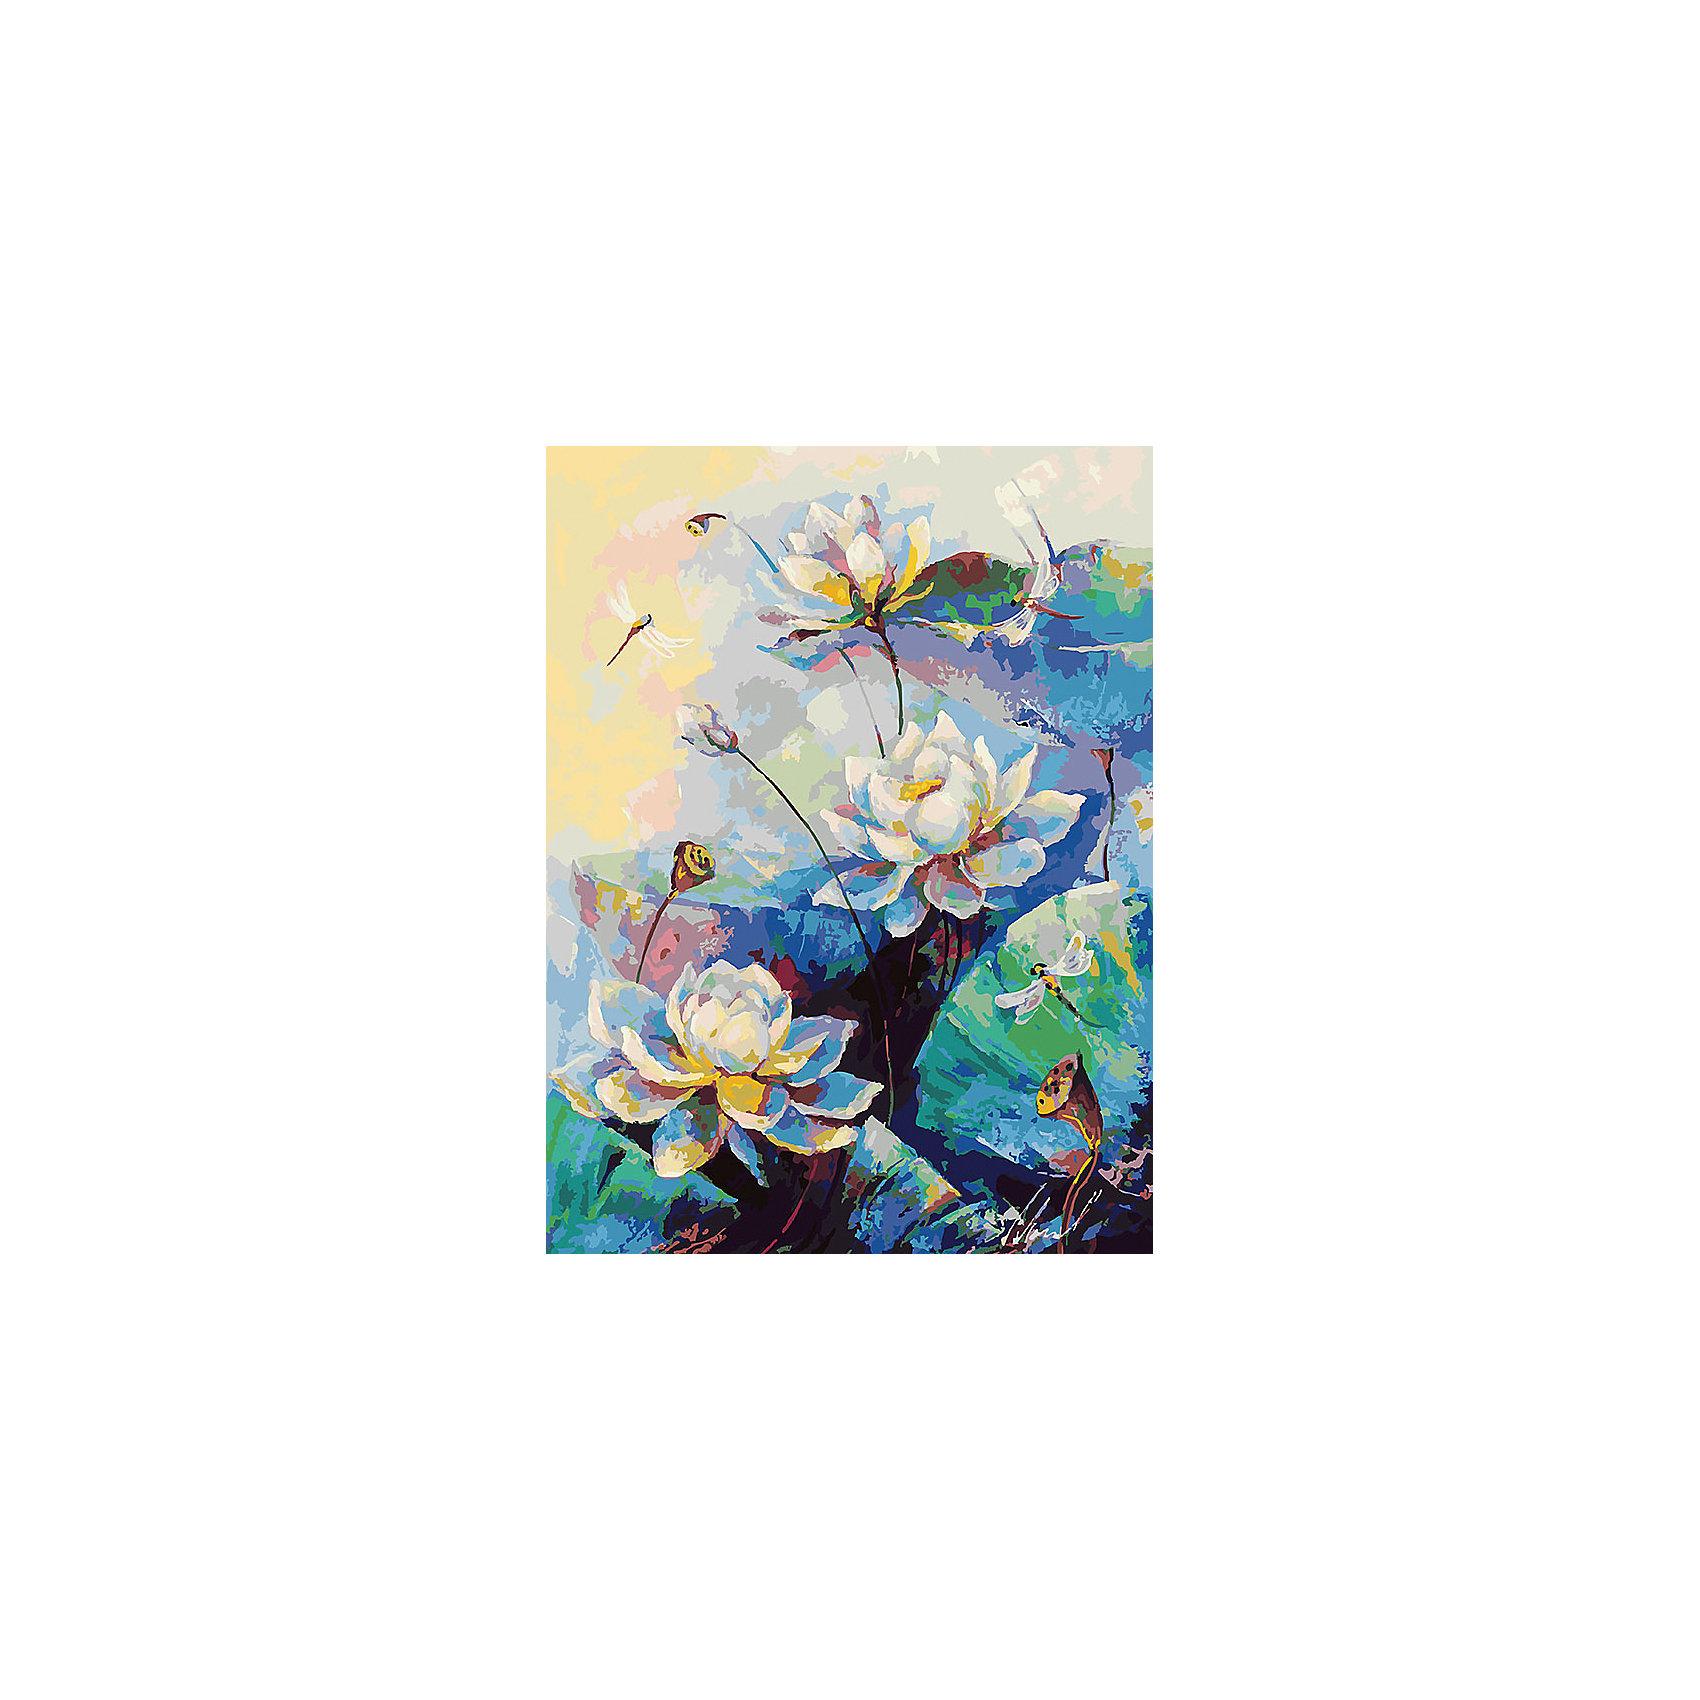 Живопись на холсте 30*40 см ЛотосХарактеристики товара:<br><br>• цвет: разноцветный<br>• материал: акрил, картон<br>• размер: 30 x 40 см<br>• комплектация: полотно на подрамнике с контурами рисунка, пробный лист с рисунком, набор акриловых красок, три кисти, крепление на стену для картины<br>• для детей от шести лет и взрослых<br>• не требует специальных навыков<br>• страна бренда: Китай<br>• страна изготовитель: Китай<br><br>Такой набор станет отличным подарком и для взрослого, и для ребенка! Рисование помогает развить различные навыки и просто приносит удовольствие! Чтобы вселить в ребенка уверенность в своих силах, можно предложить ему этот набор - в нем уже есть сюжет, контуры рисунка и участки с номерами, которые обозначают определенную краску из набора. Все оттенки уже готовы, задача художника - аккуратно, с помощью кисточек из набора, нанести краски на определенный участок полотна.<br>Взрослым также понравится этот процесс, рисовать можно и вместе с малышом! В итоге получается красивая картина, которой можно украсить интерьер. Рисование способствует развитию мелкой моторики, воображения, цветовосприятия, творческих способностей и усидчивости. Набор отлично проработан, сделан из качественных и проверенных материалов, которые безопасны для детей. Краски - акриловые, они быстро сохнут и легко смываются с кожи.<br><br>Живопись на холсте 30*40 см Лотос от торговой марки Белоснежка можно купить в нашем интернет-магазине.<br><br>Ширина мм: 410<br>Глубина мм: 310<br>Высота мм: 25<br>Вес г: 567<br>Возраст от месяцев: 72<br>Возраст до месяцев: 144<br>Пол: Унисекс<br>Возраст: Детский<br>SKU: 5089665